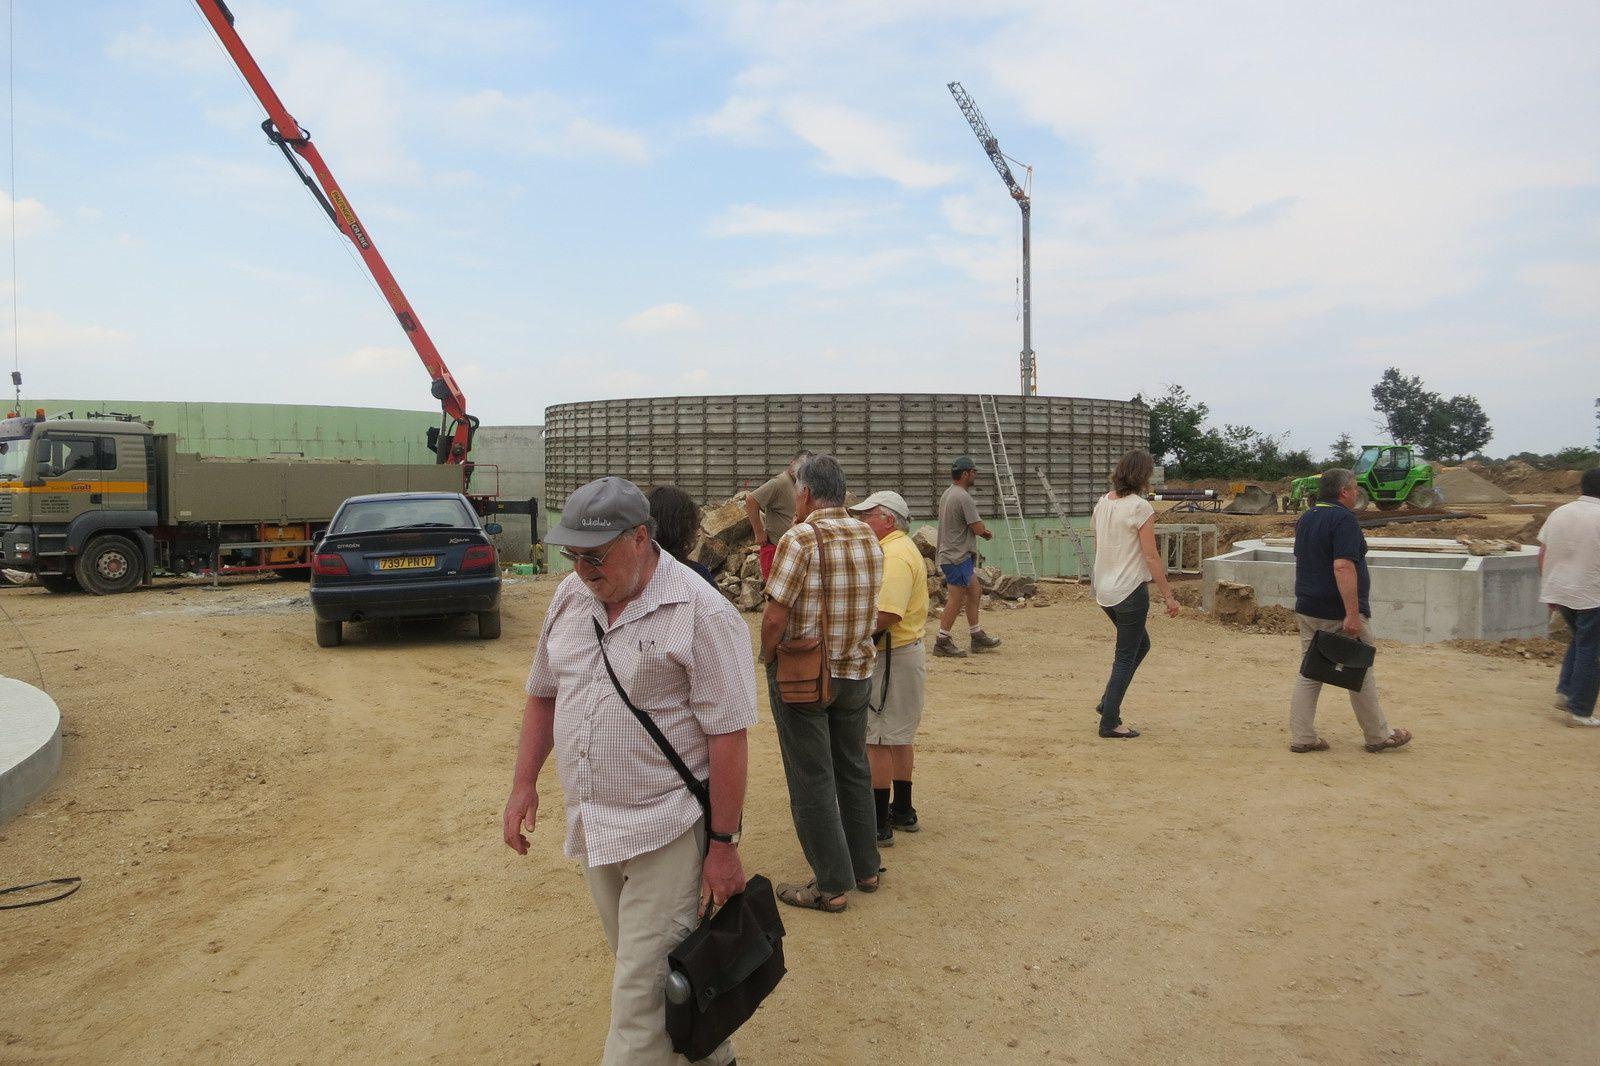 Visite du chantier de l'unité de Méthanisation de la zone de Munas à Ardoix